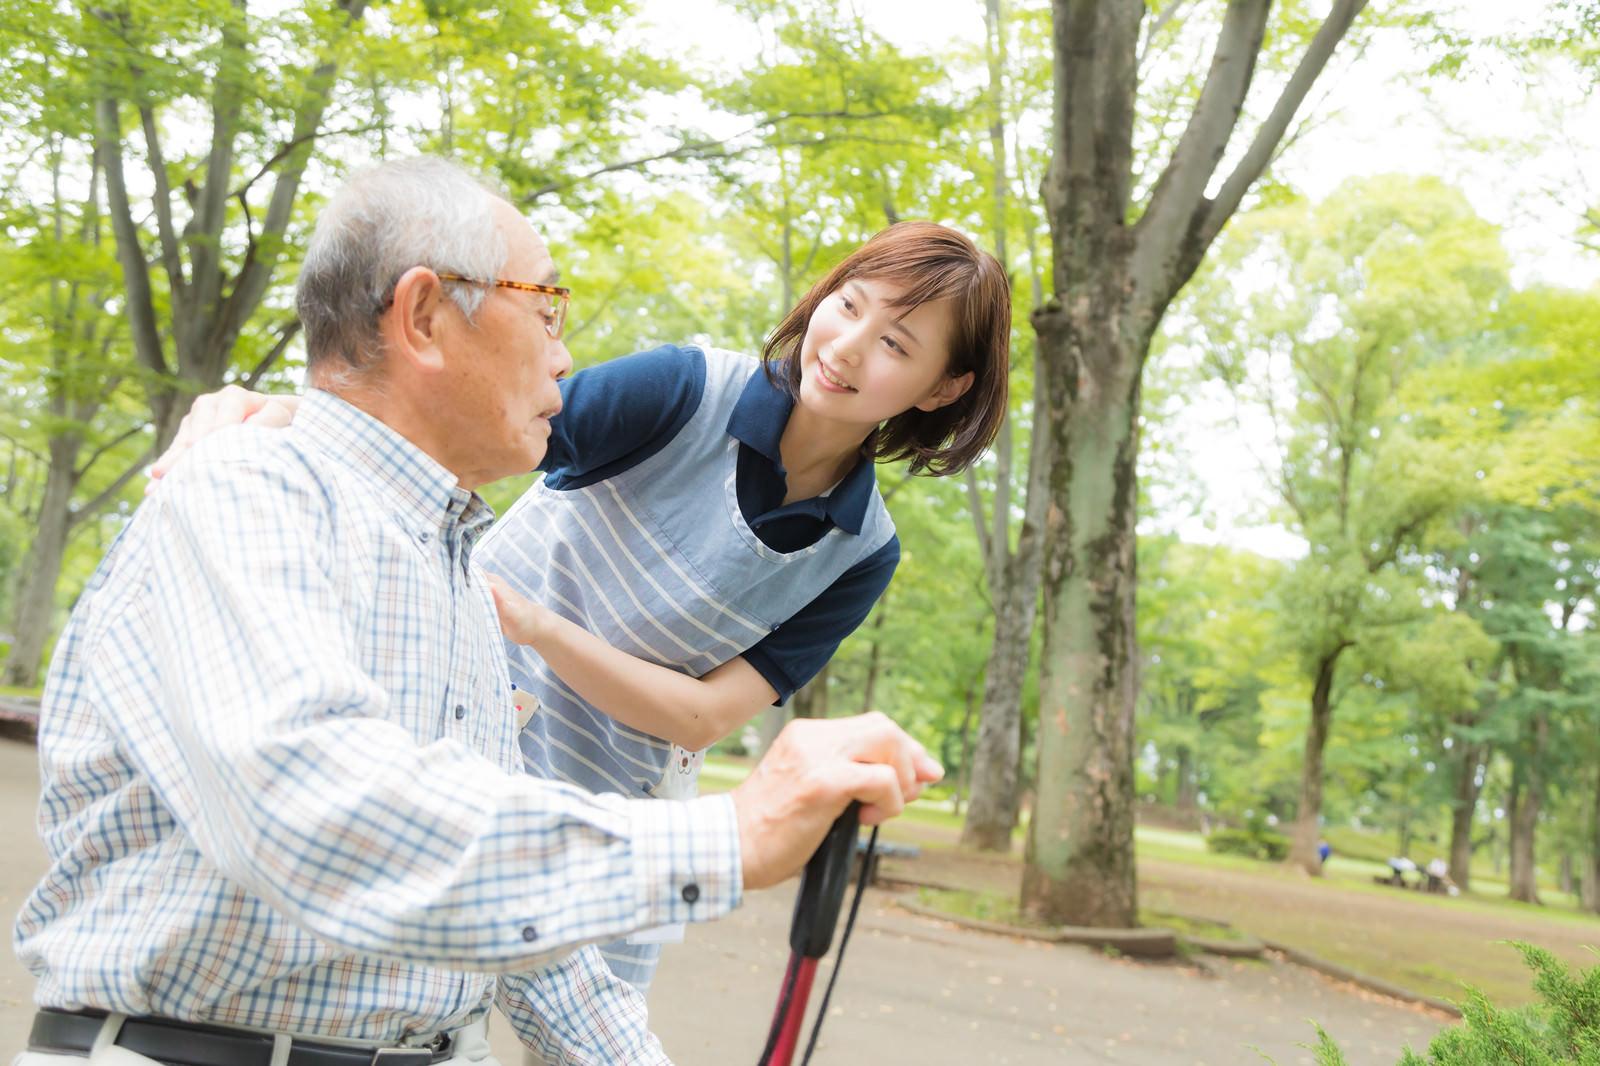 「疲れた様子のお爺さんを心配する介護士の女性疲れた様子のお爺さんを心配する介護士の女性」[モデル:まーちゃん yumiko]のフリー写真素材を拡大